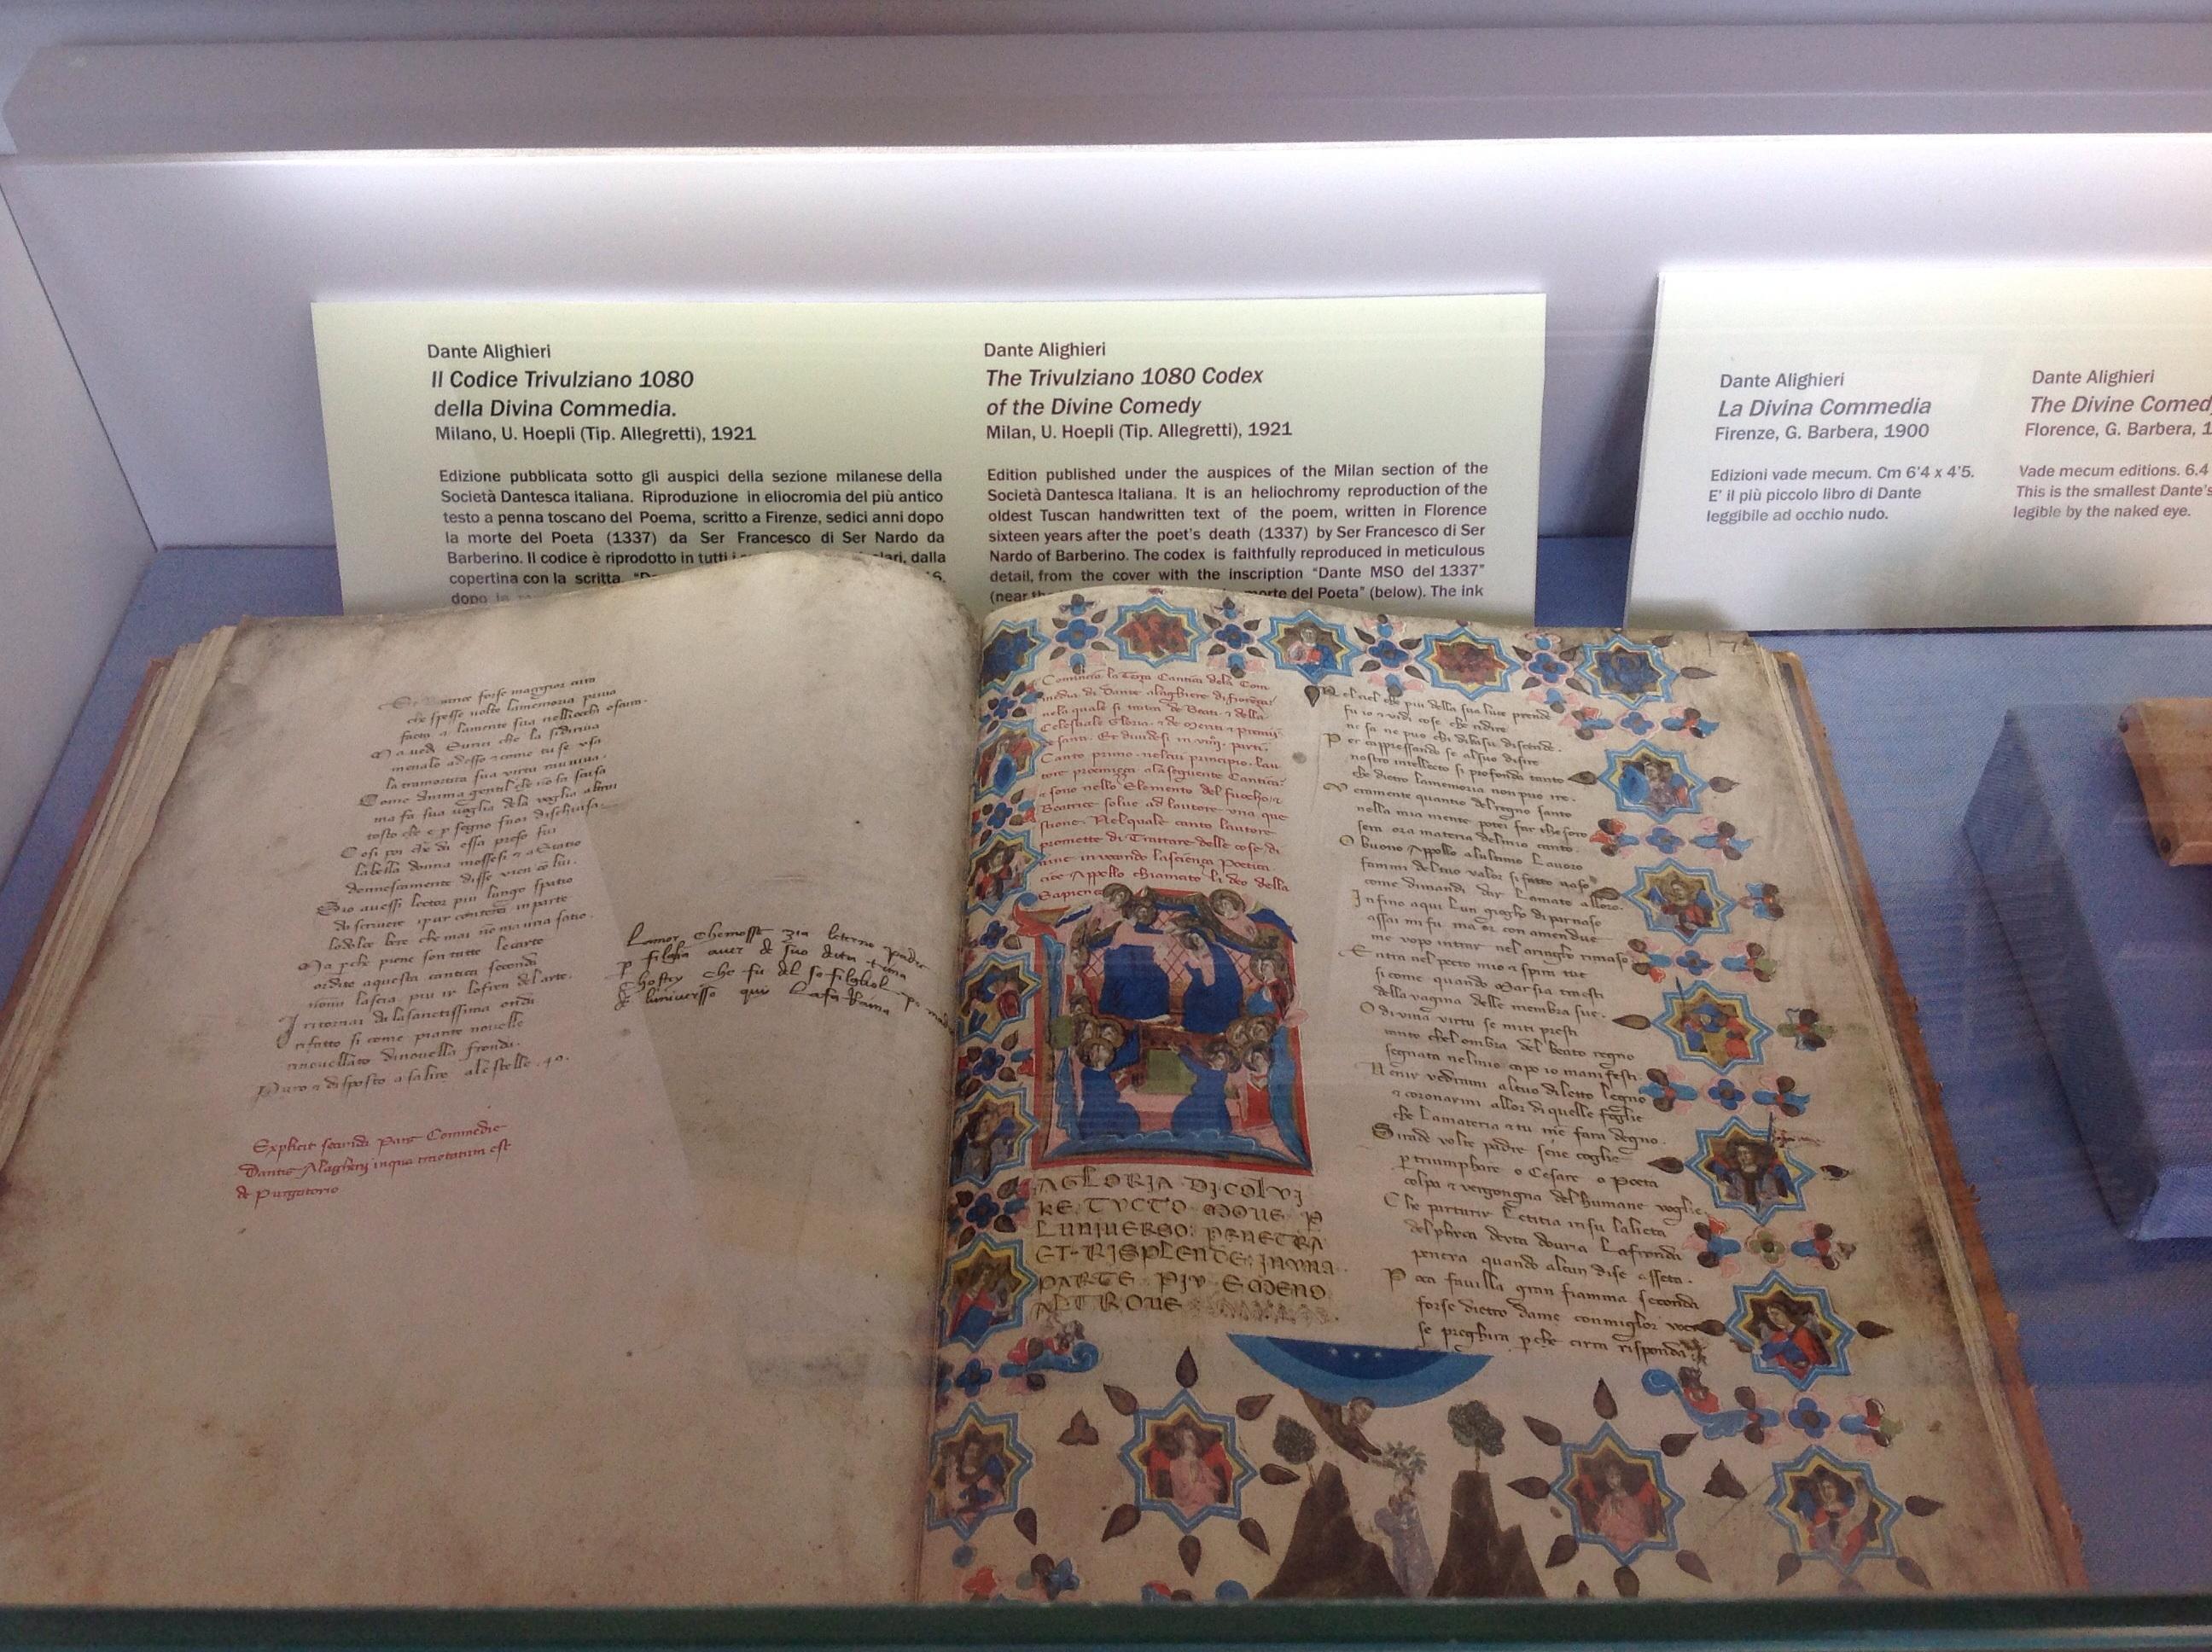 libro del Dante